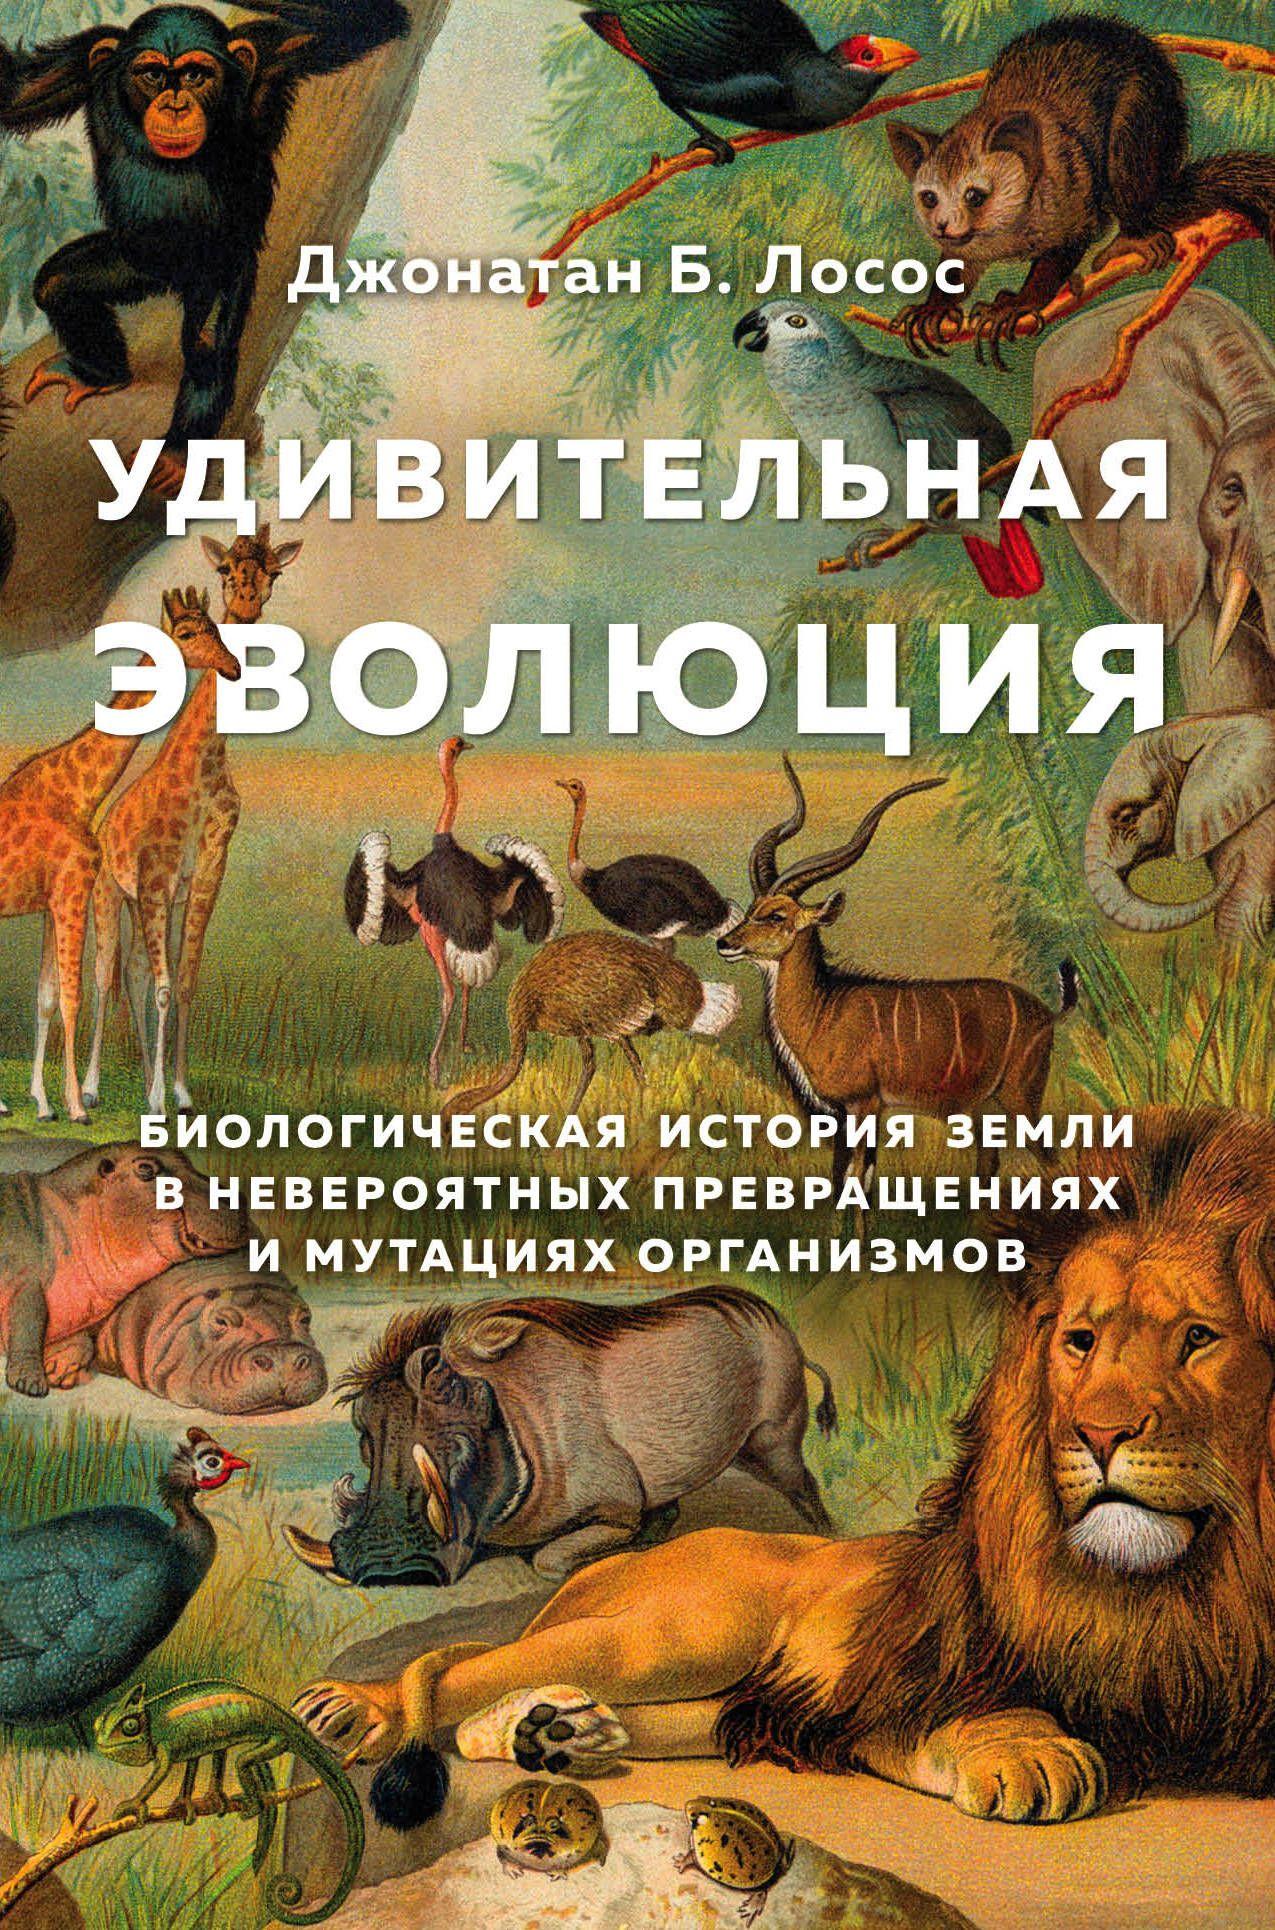 Удивительная эволюция. Биологическая история Земли в невероятных превращени